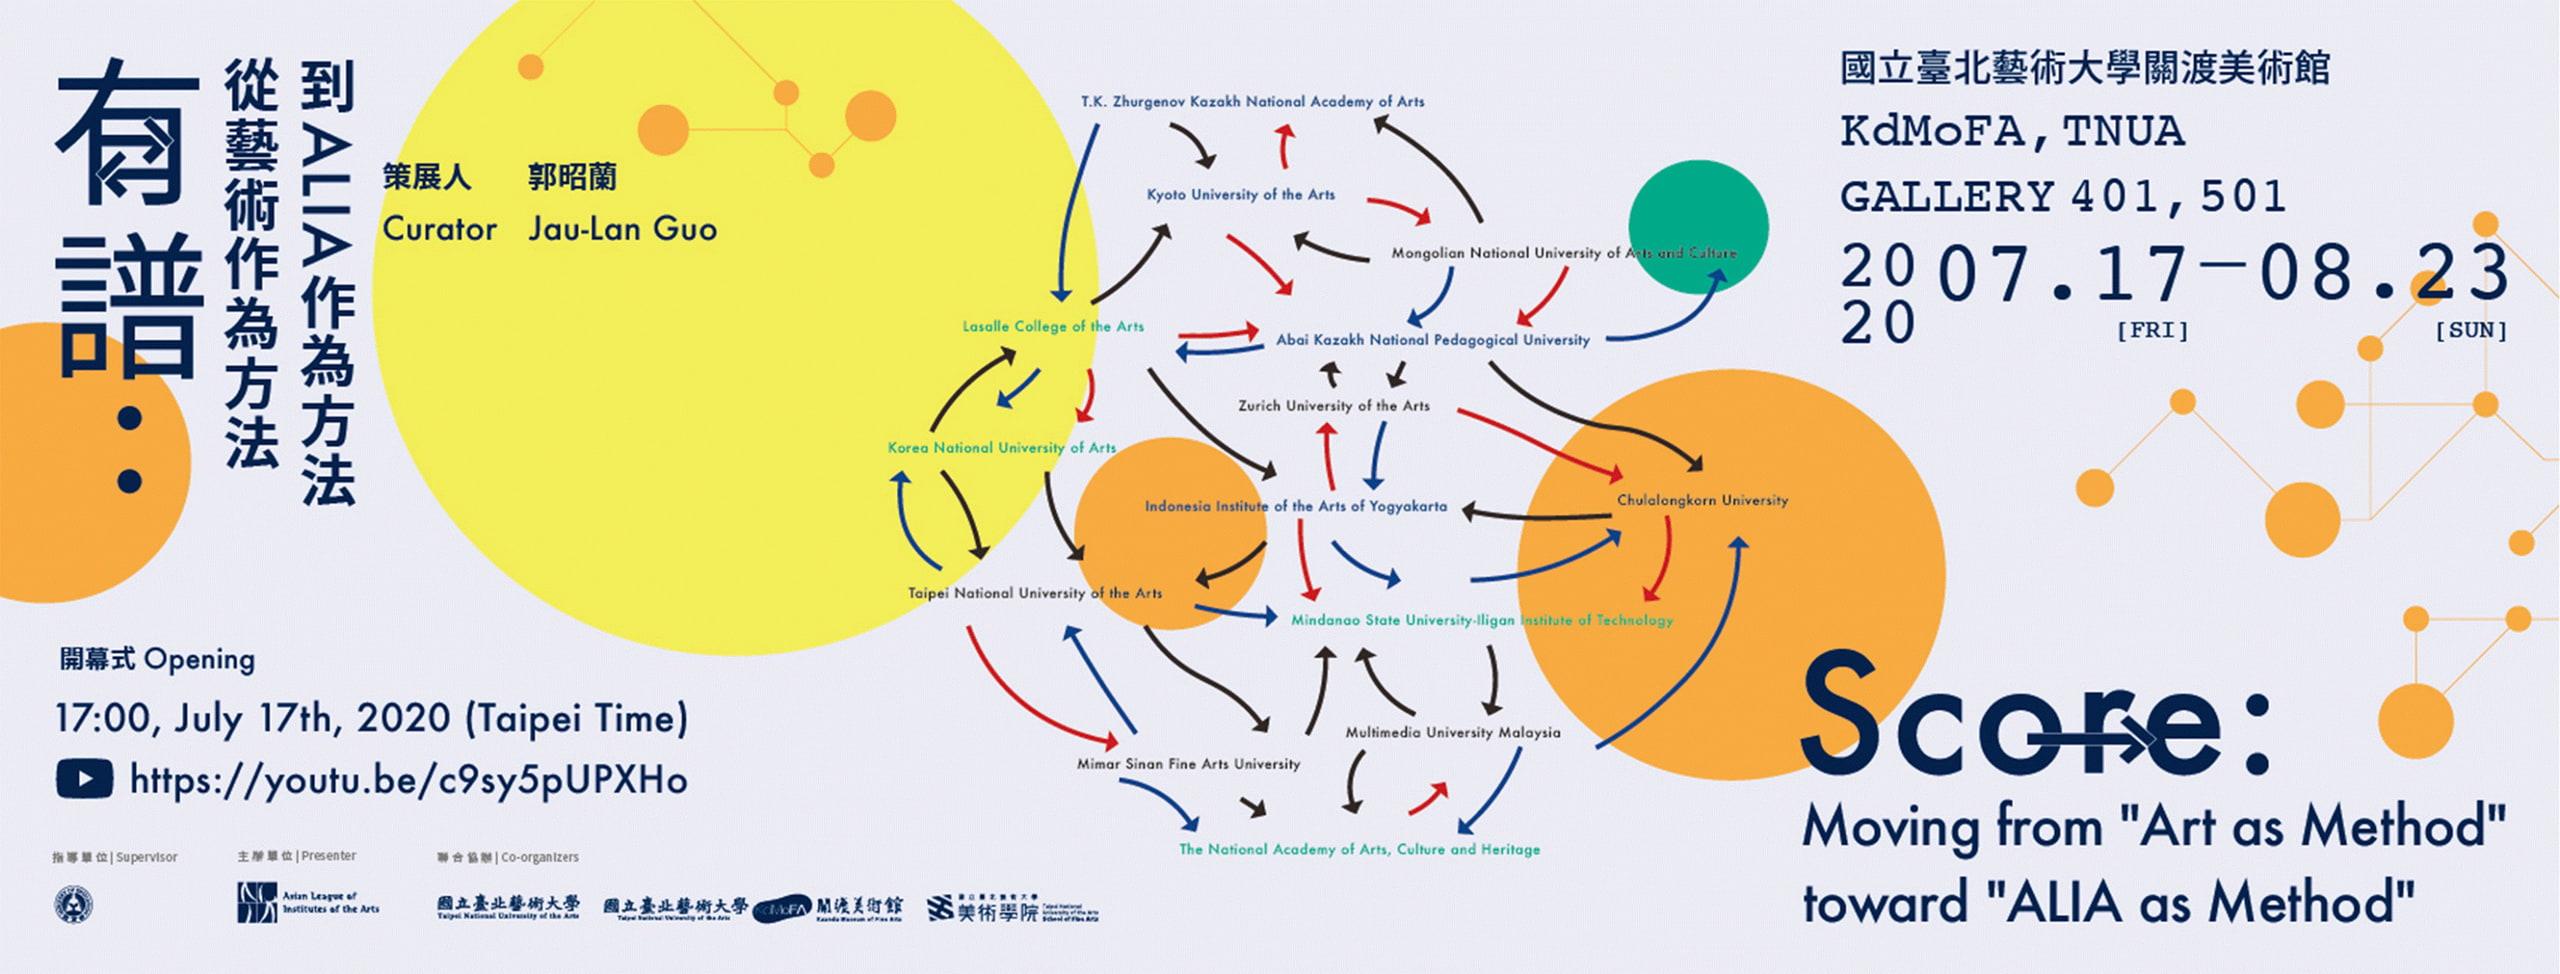 有譜計劃:從藝術作為方法到ALIA作為方法